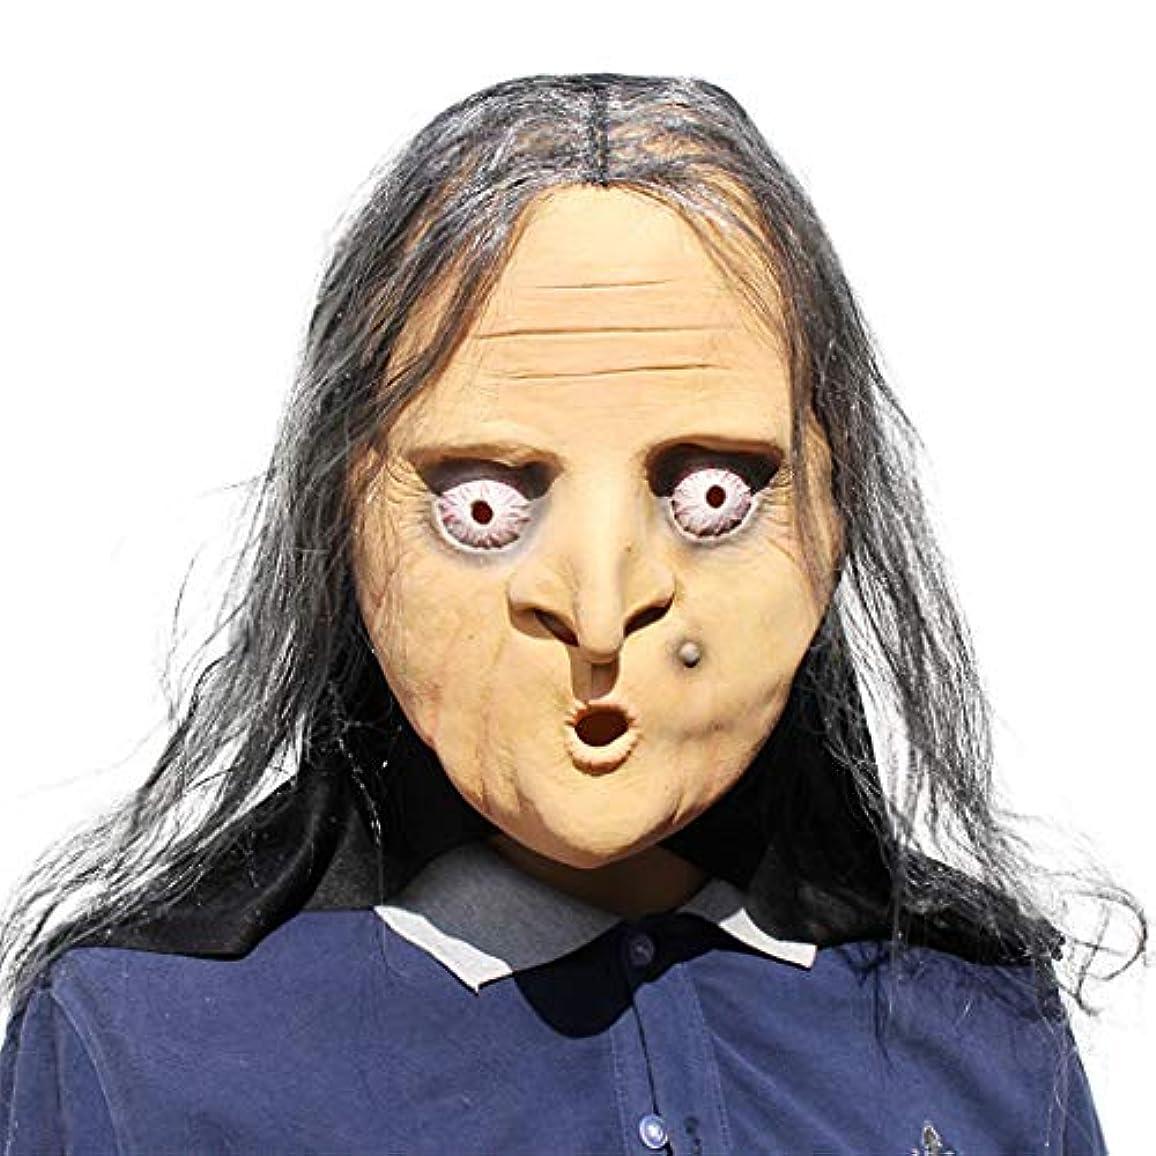 入場アジテーション脚ハロウィーンマスク、ラテックスマスク、なりすまし魔女怖い通気性快適なフード、ハロウィーン仮装用、ギフト、コスチュームパーティー、イースター